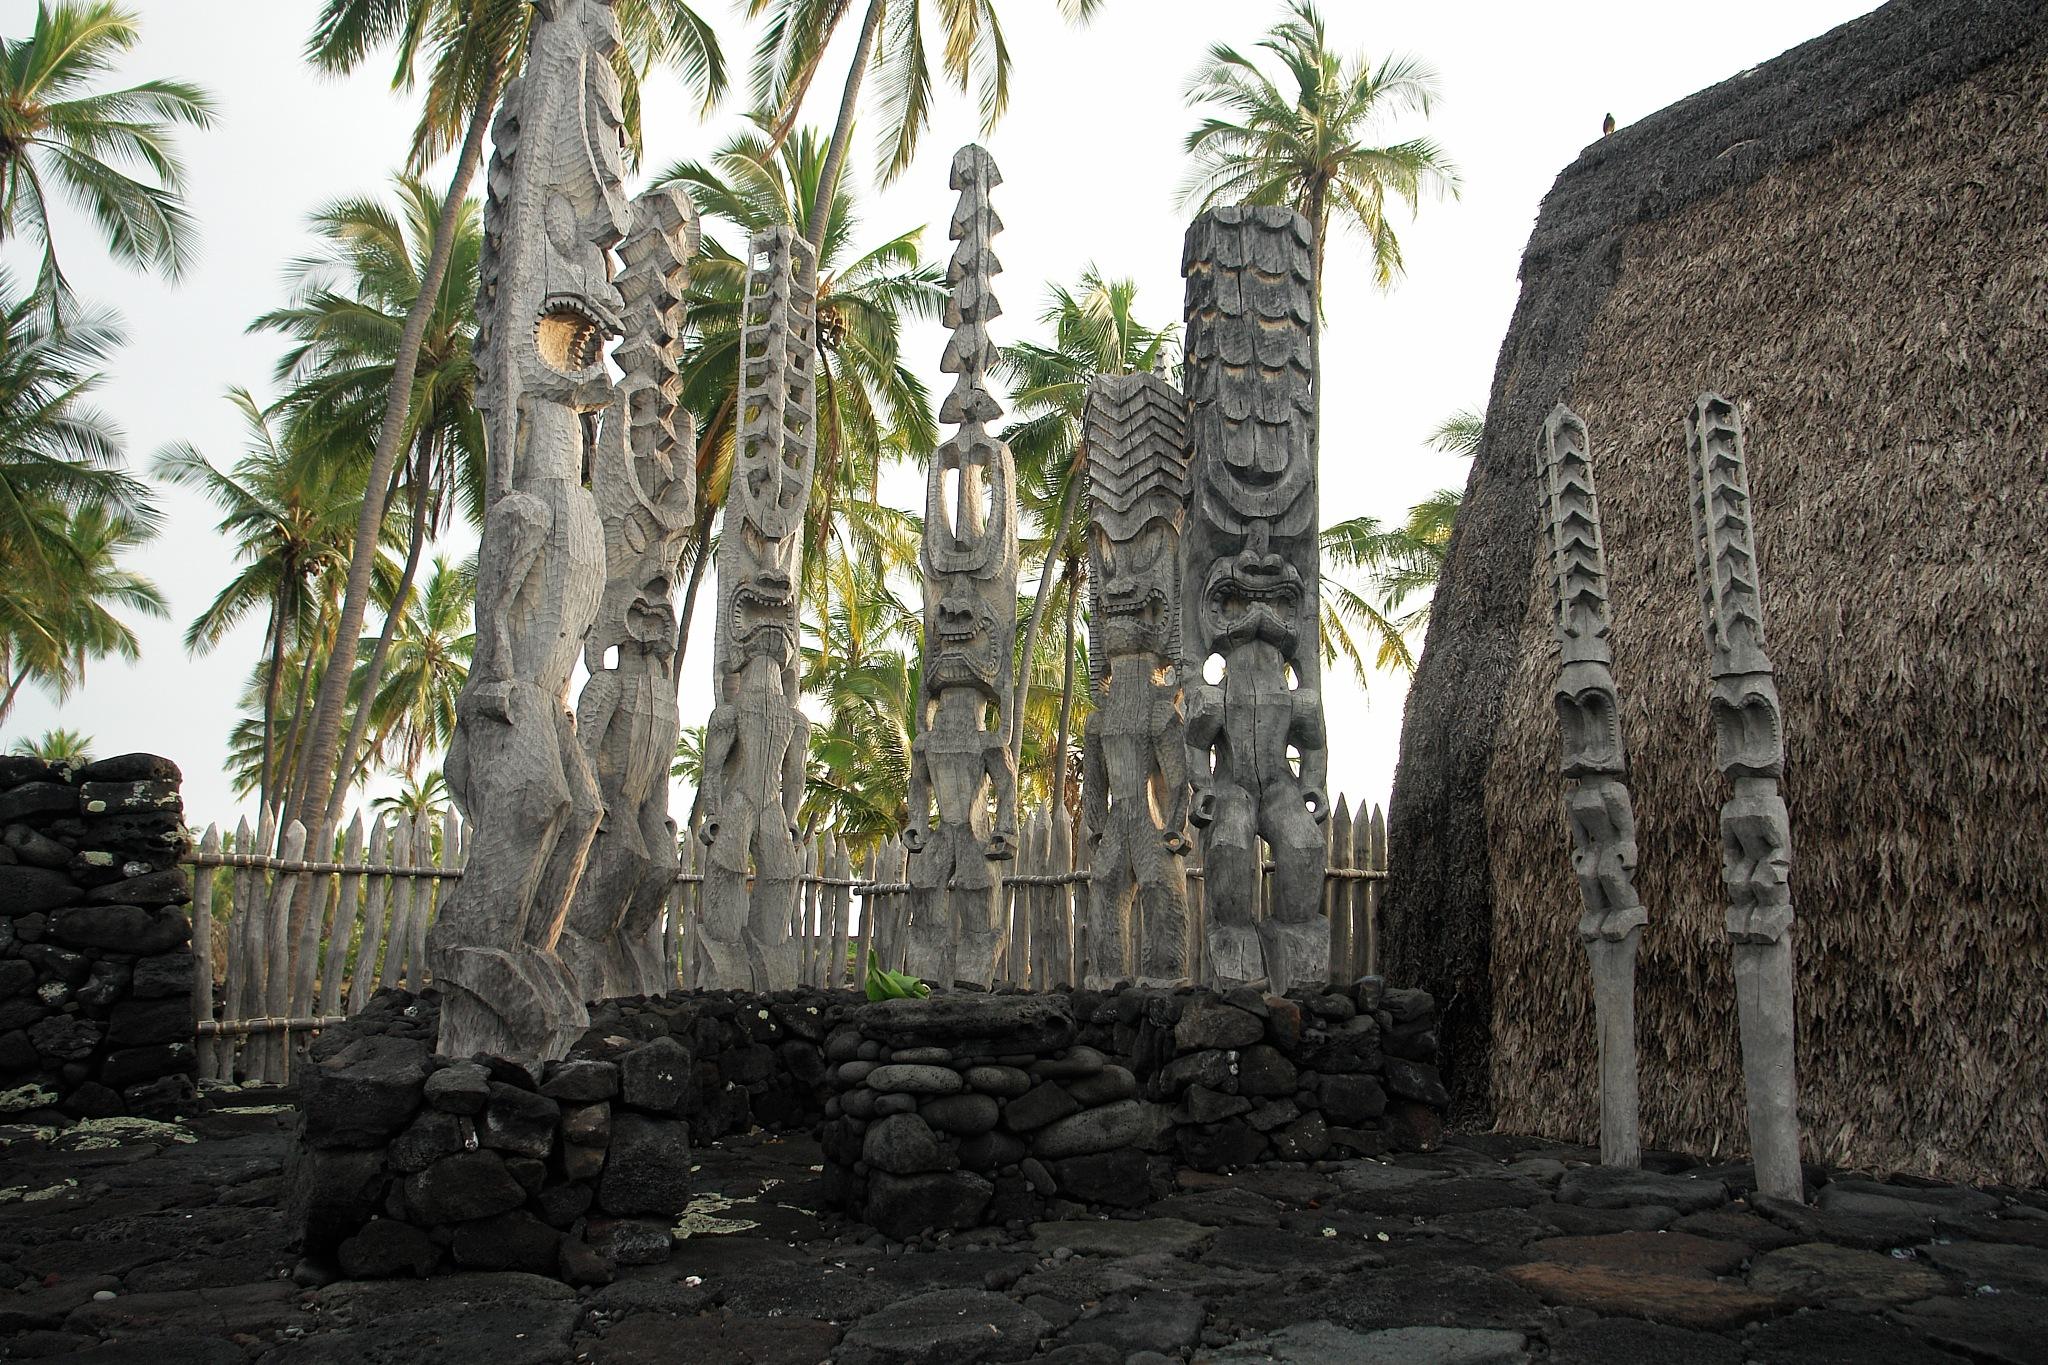 Polynesian sacrifice altar by Miloliidrifter